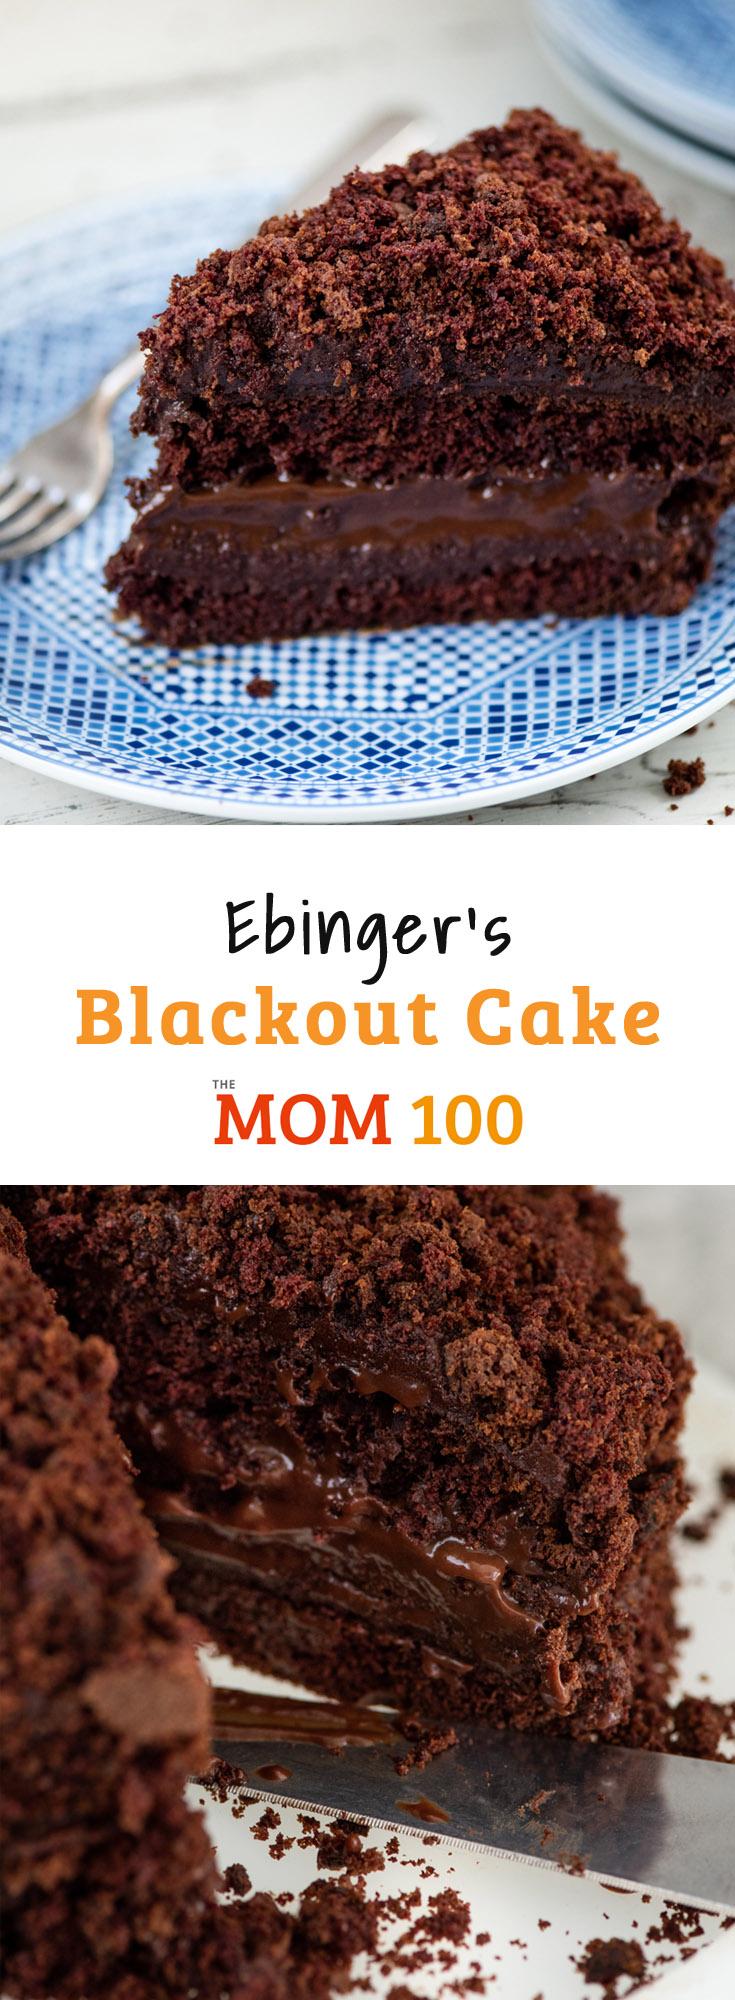 Ebinger's Blackout Cake